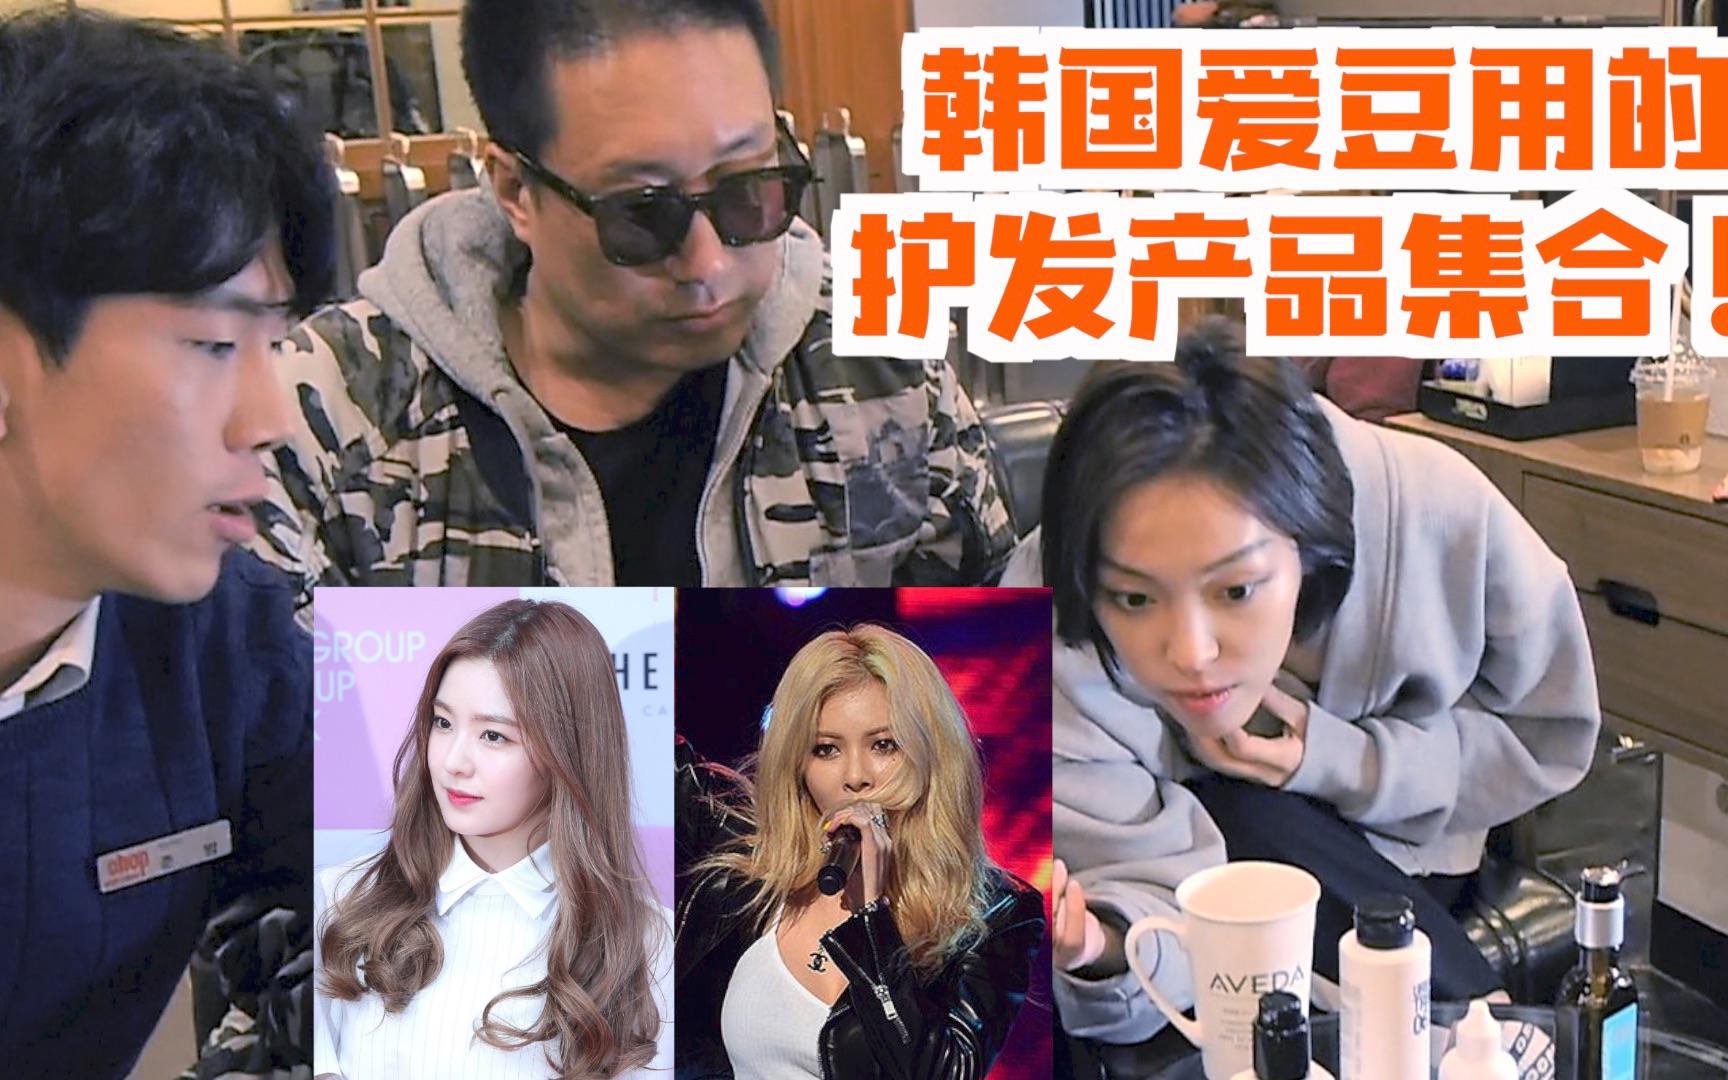 韩国爱豆们用的护发产品大公开!为什么多次染发却滋润?